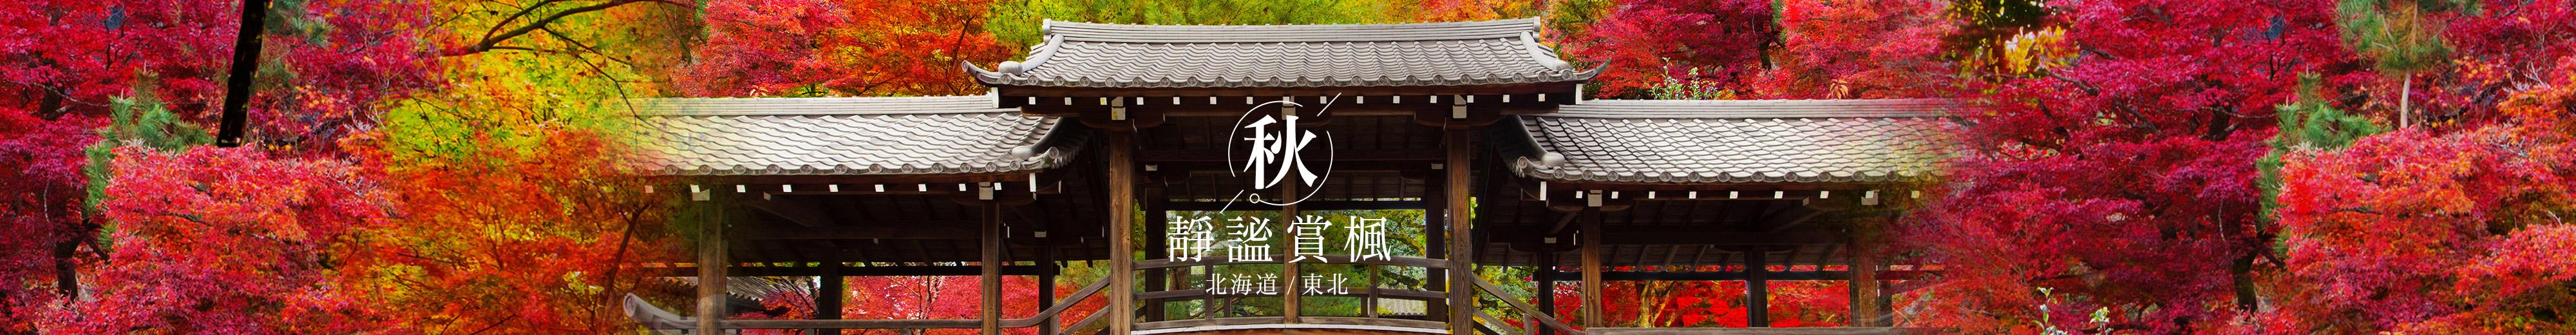 日本賞楓早鳥